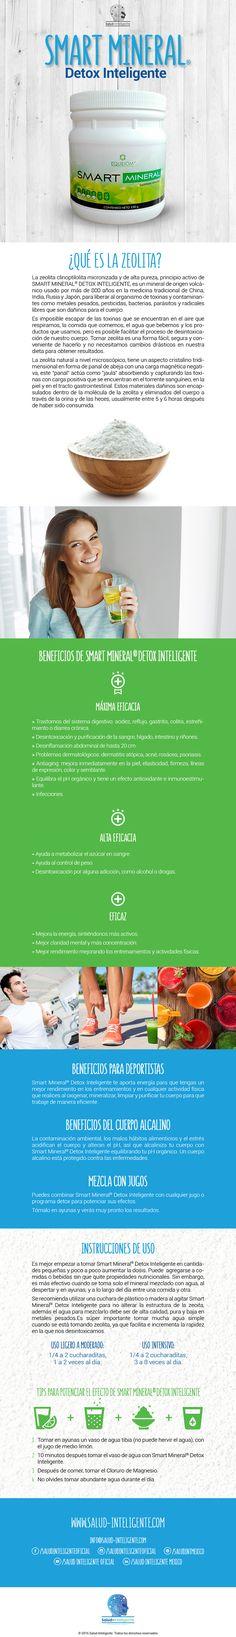 Smart mineral (zeolite), Instrucciones de uso y sus beneficios